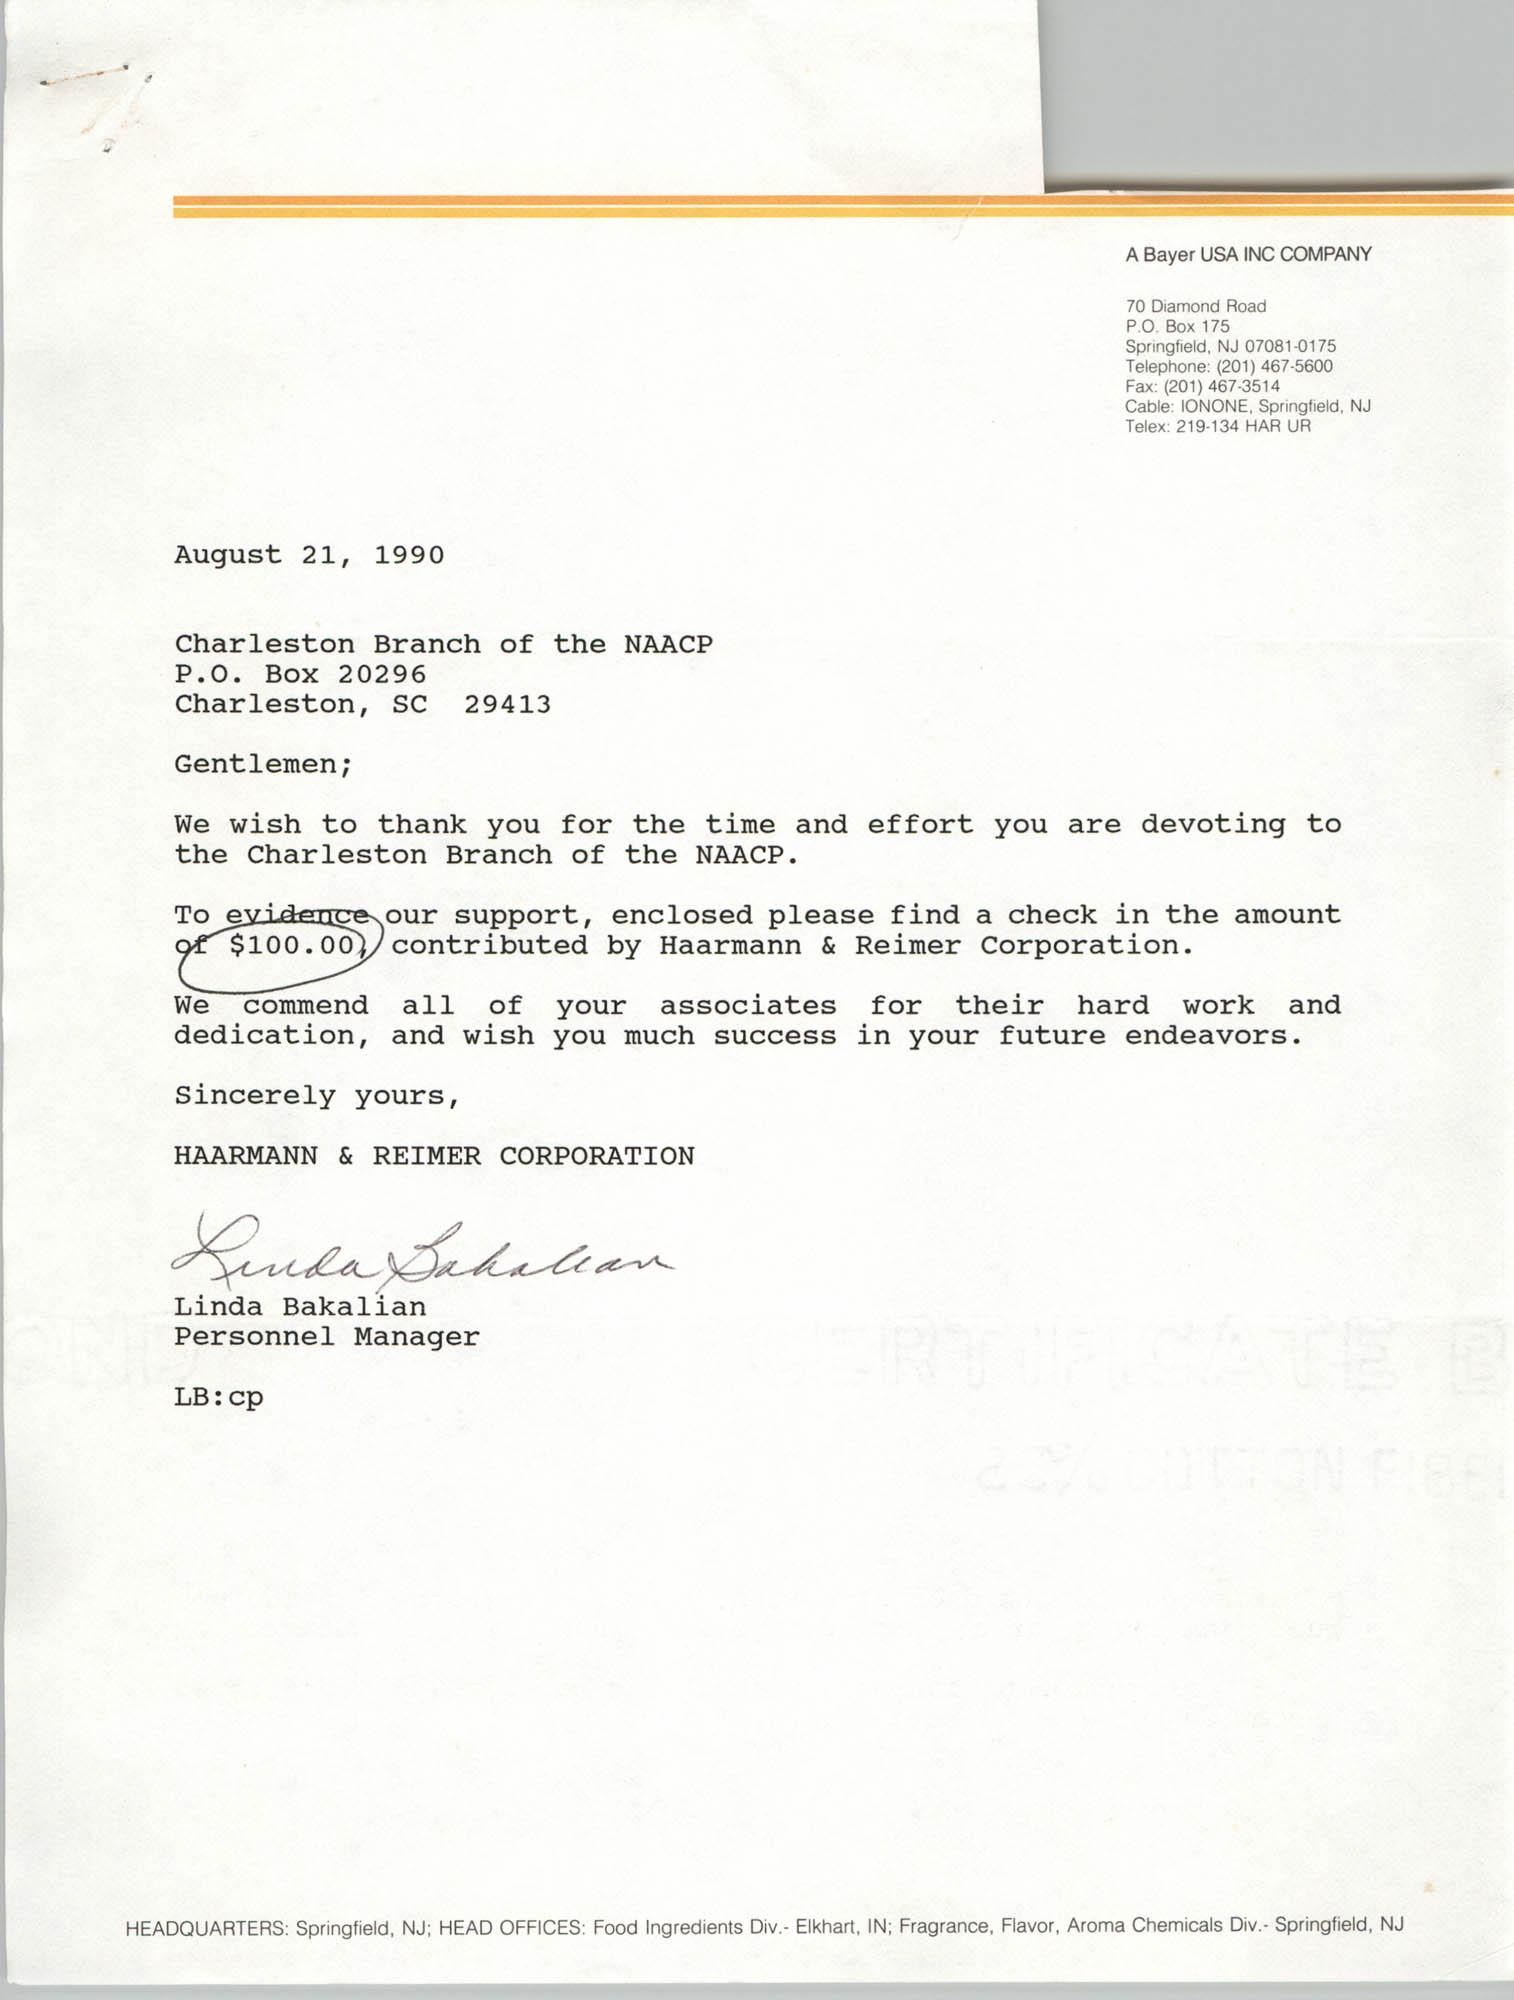 Letter from Linda Bakalian to Gentlemen, August 21, 1990